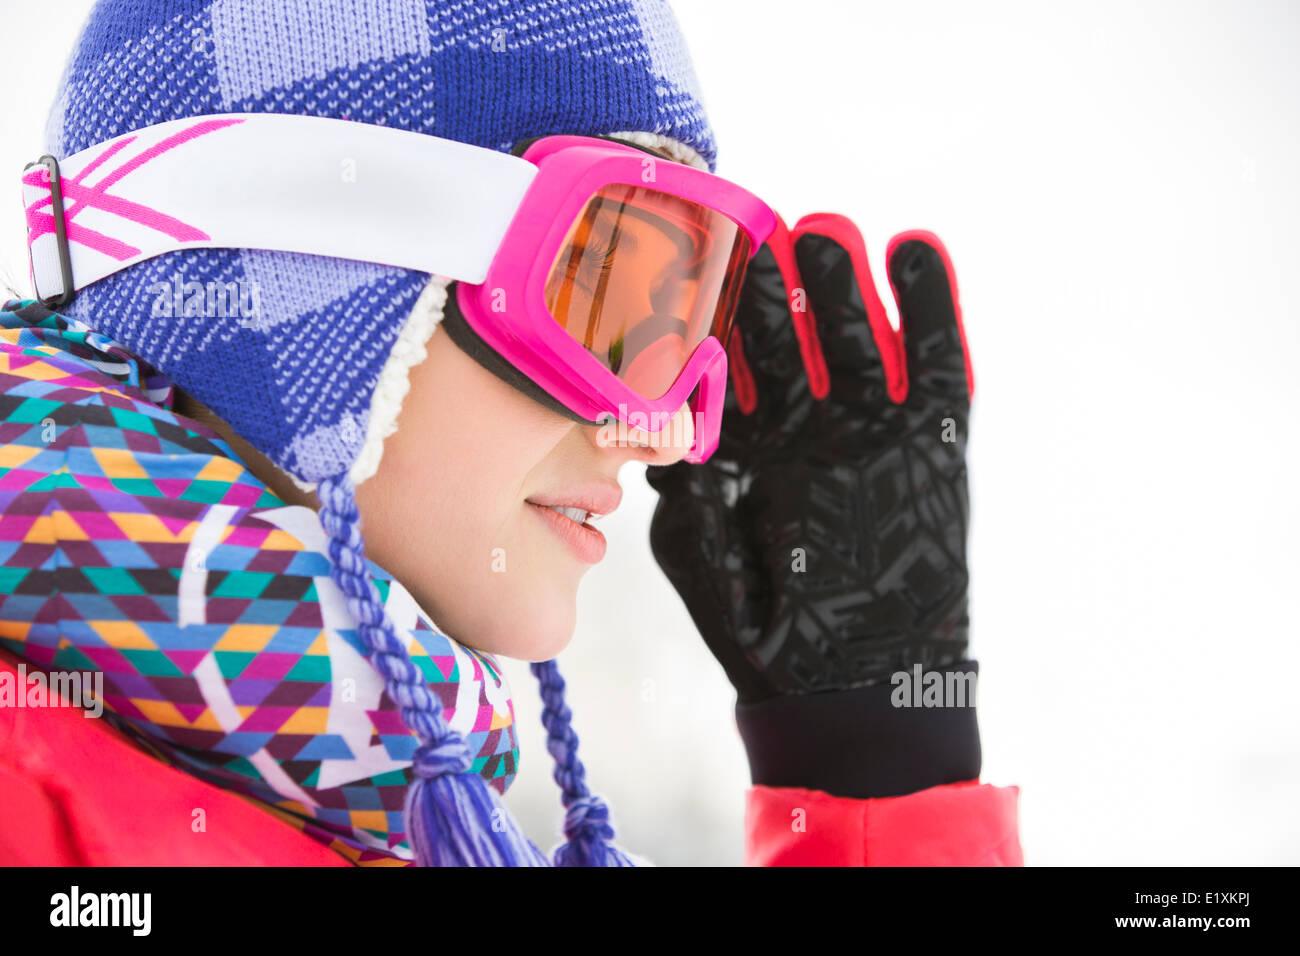 Vista lateral cerca de la hermosa joven en gafas de esquí mirando lejos Imagen De Stock